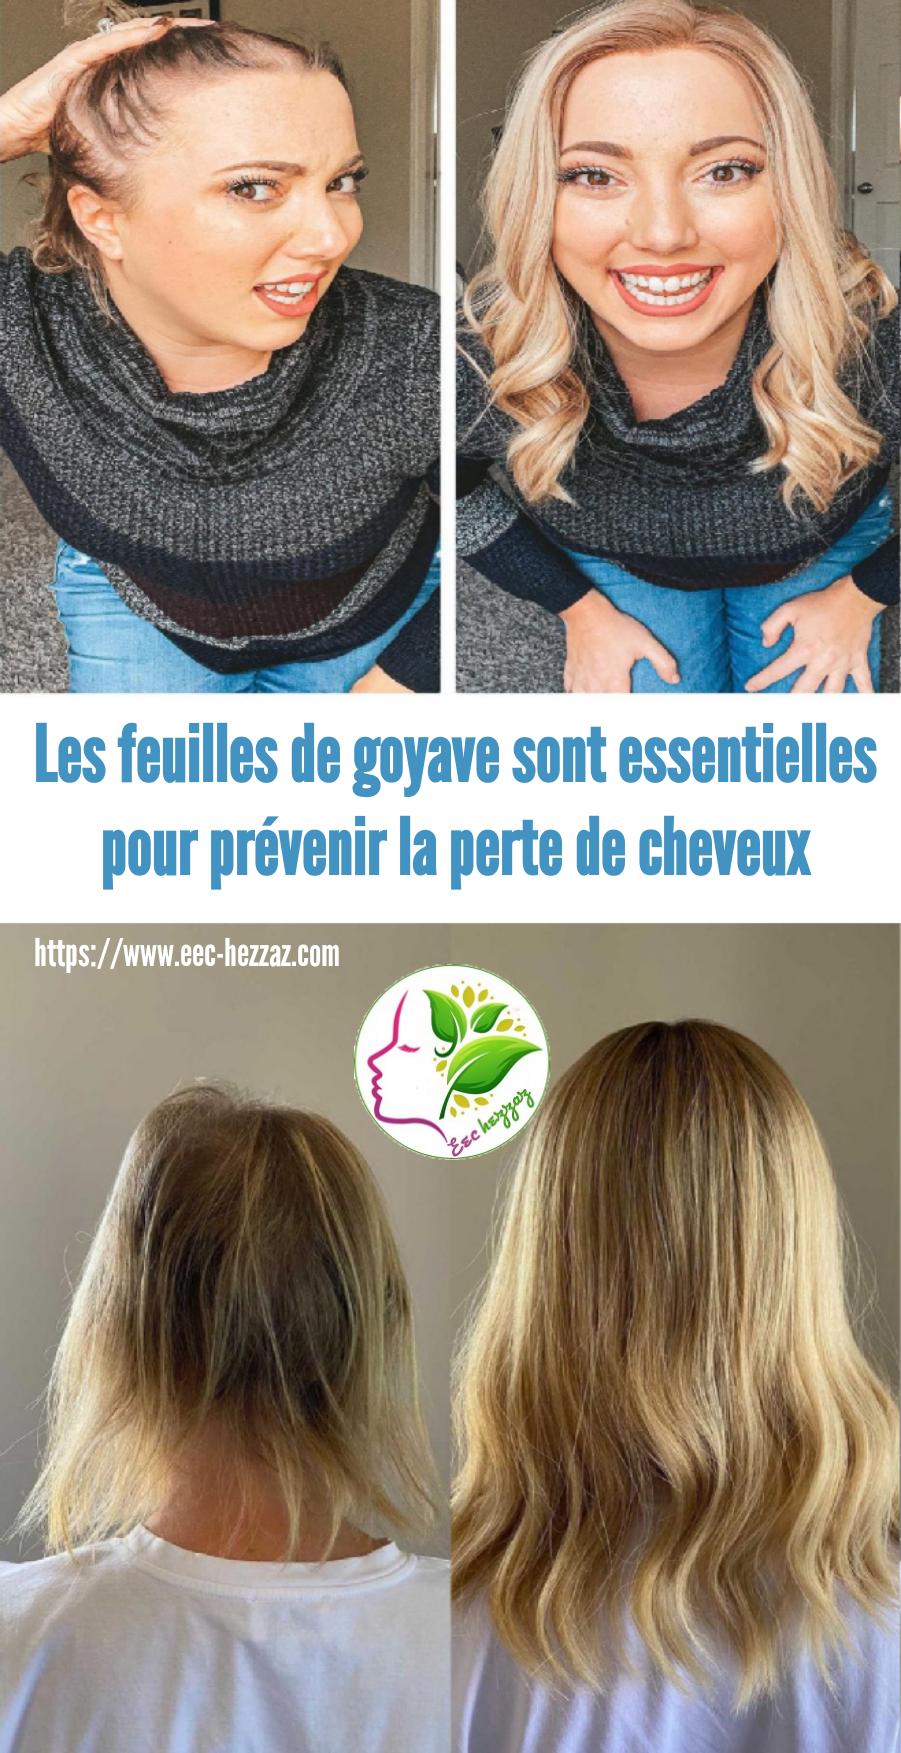 Les feuilles de goyave sont essentielles pour prévenir la perte de cheveux